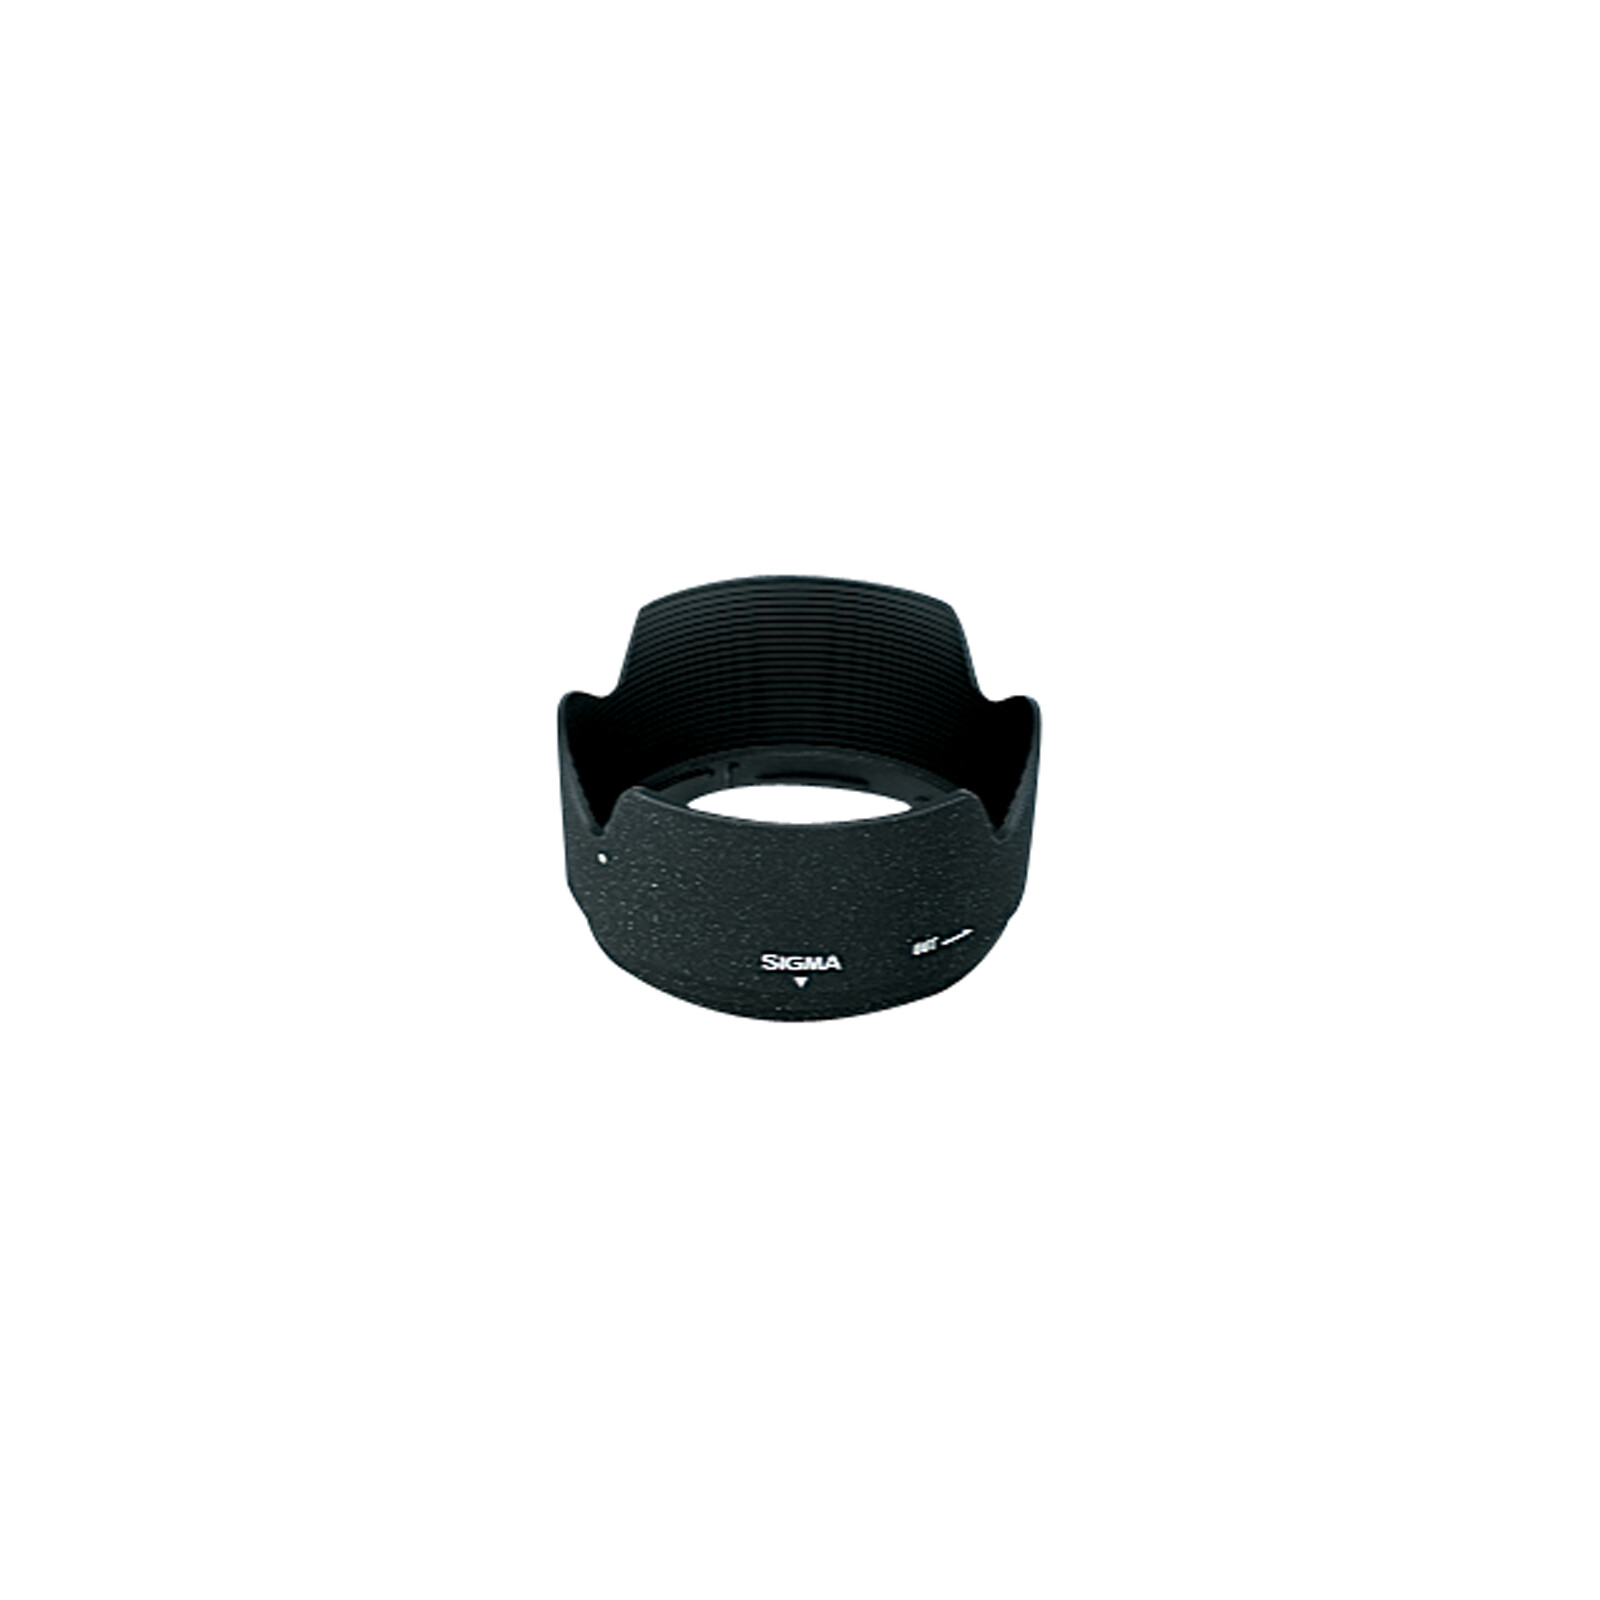 Sigma LH715-01 Gegenlichtblende 30mm